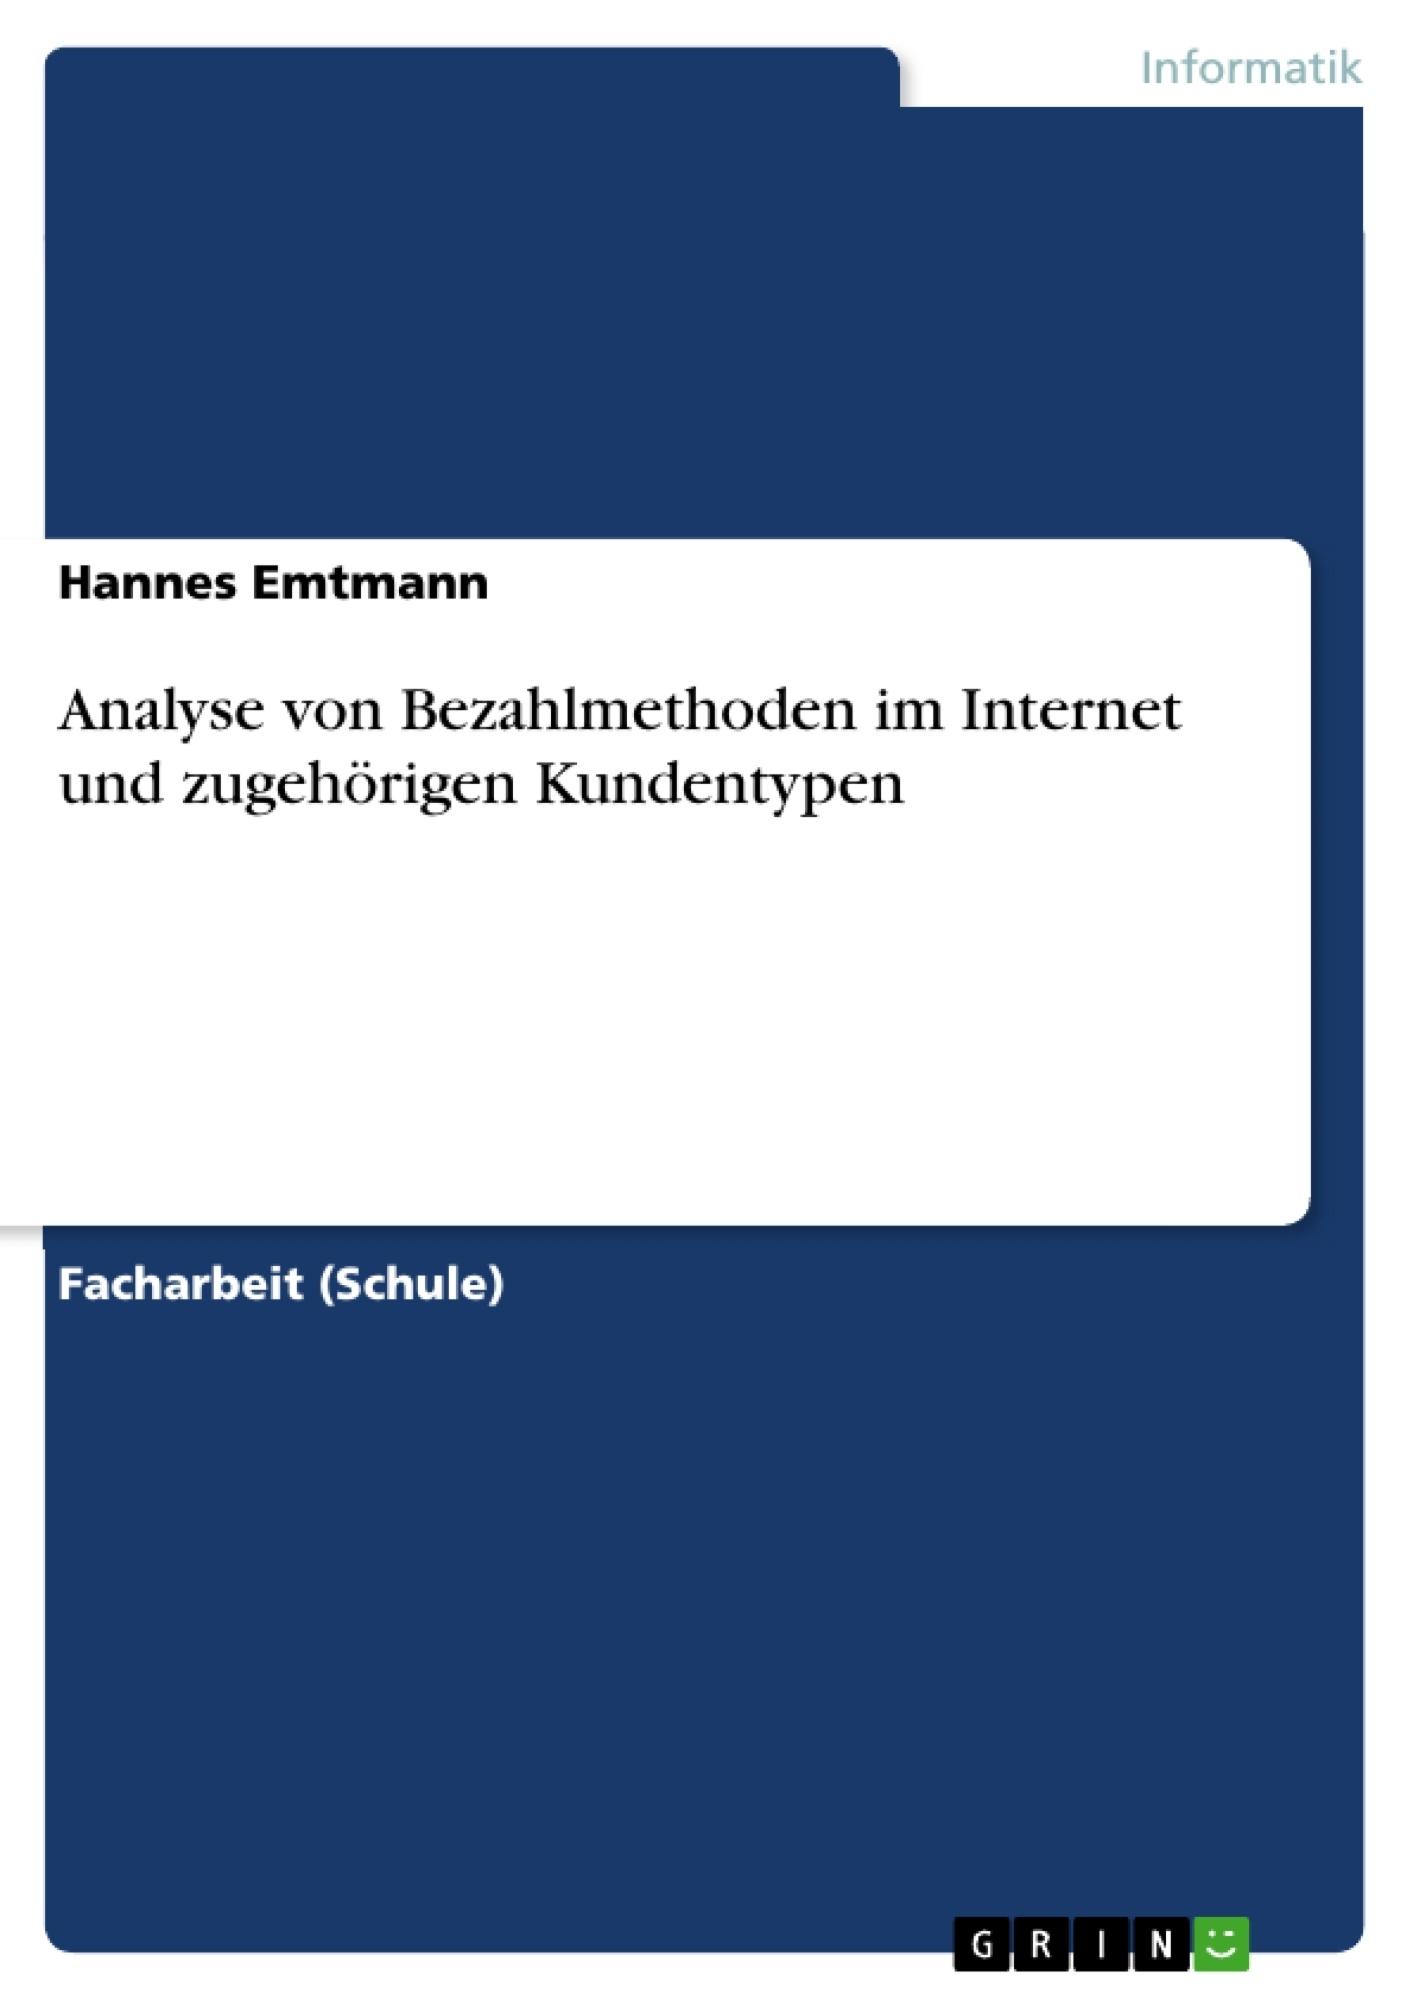 Titel: Analyse von Bezahlmethoden im Internet und zugehörigen Kundentypen